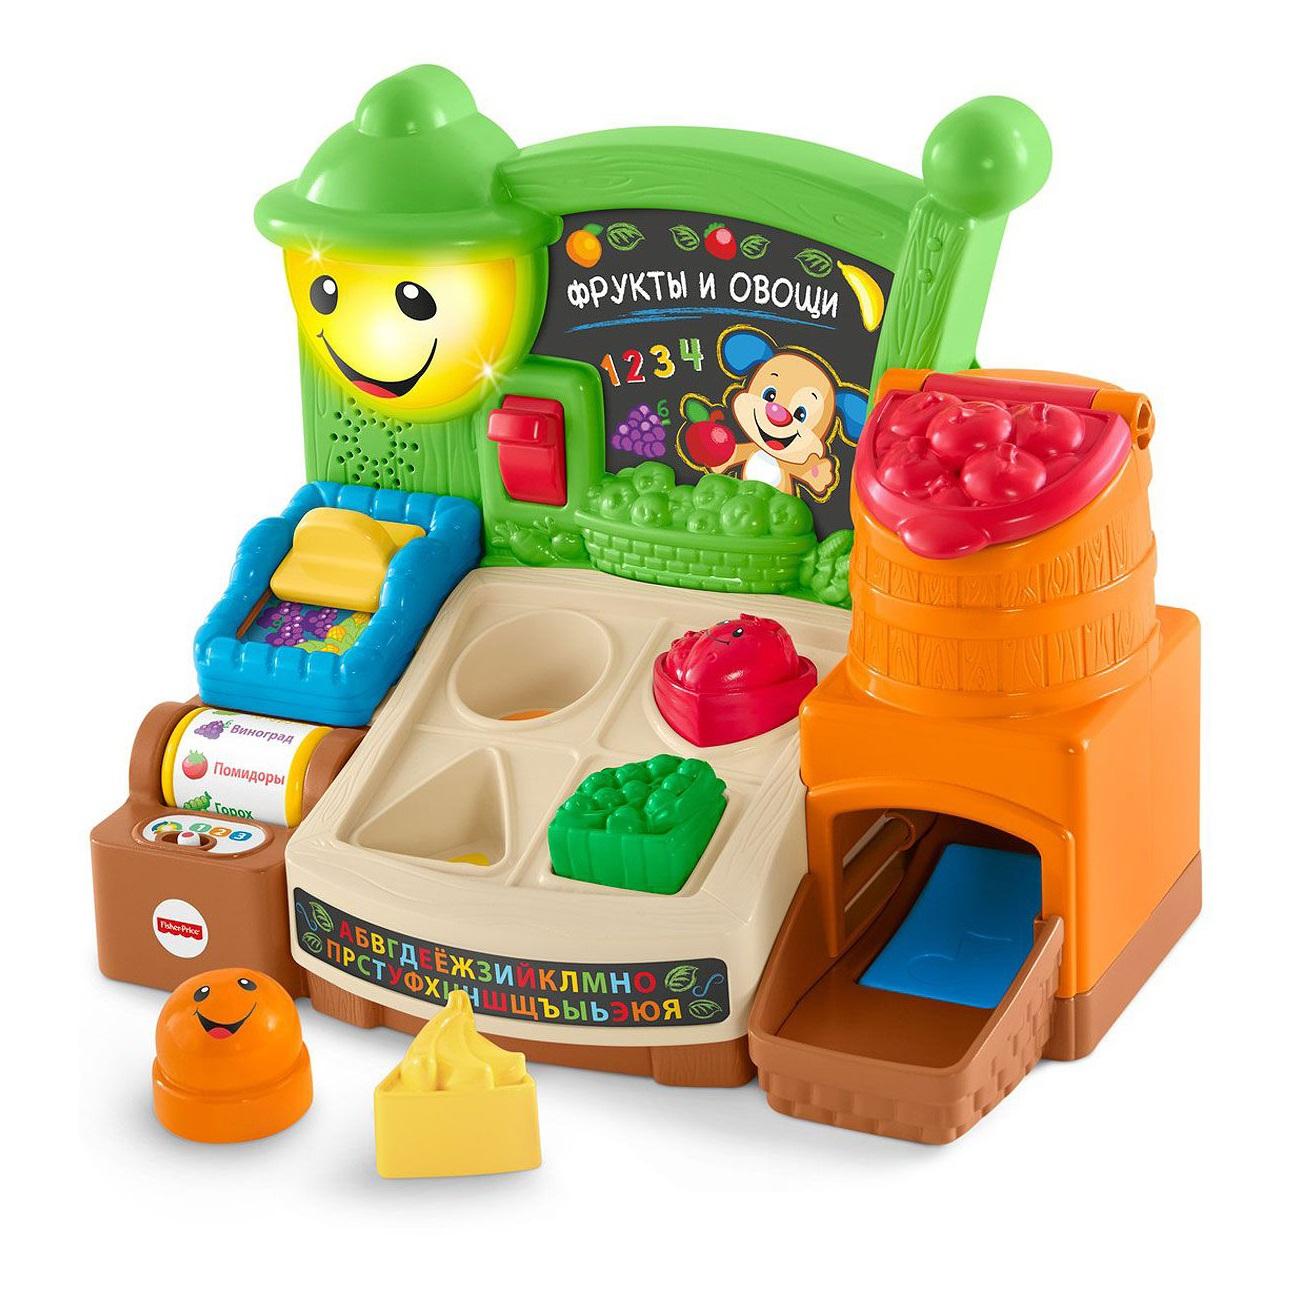 Обучающая игрушка - Прилавок с фруктами и овощамиСортеры, пирамидки<br>Обучающая игрушка - Прилавок с фруктами и овощами<br>